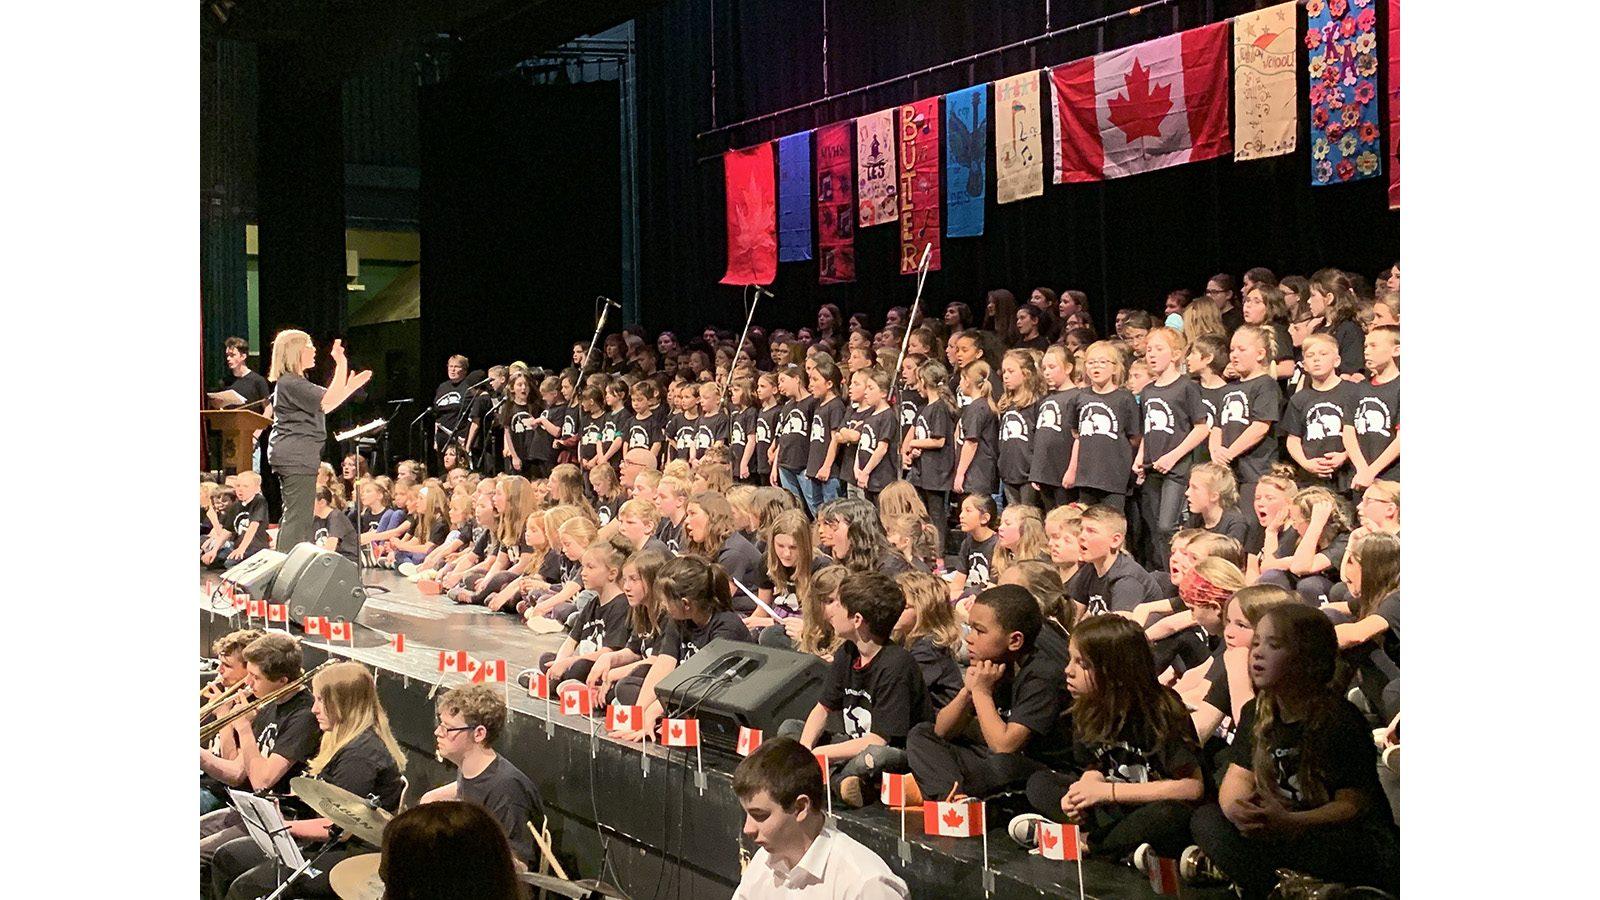 ETSB schools unite in song